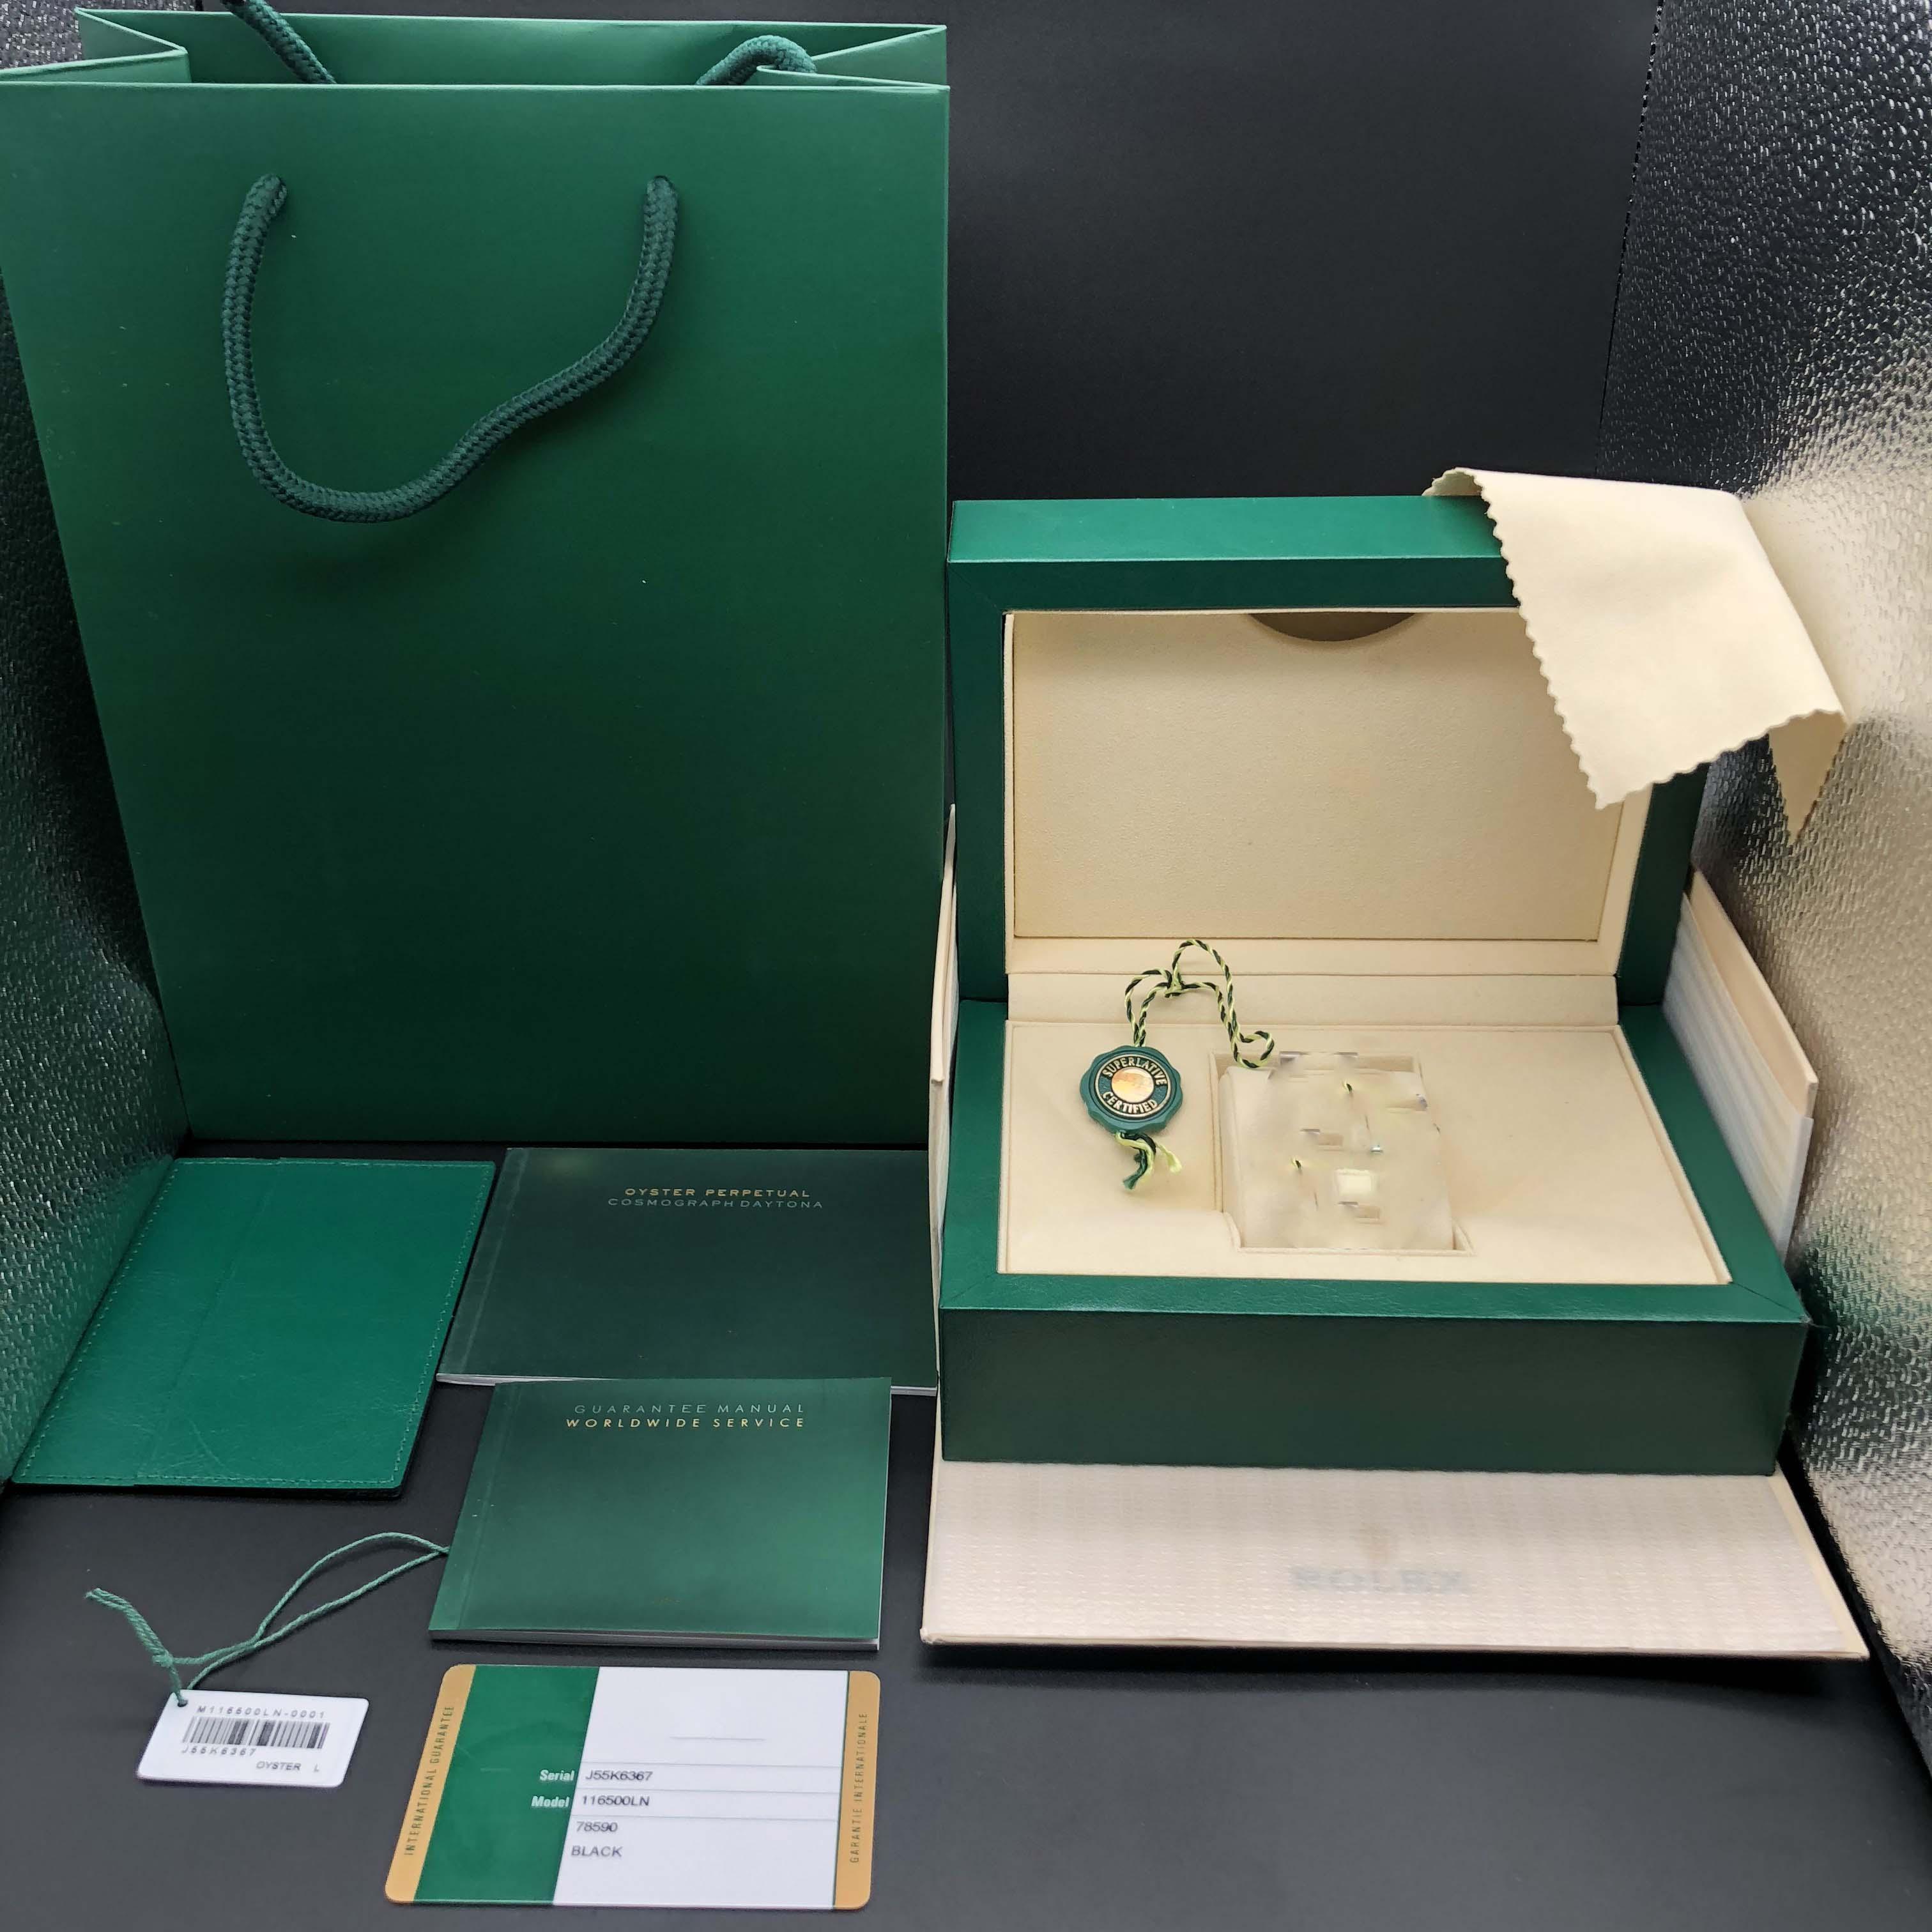 Papiers d'origine Correction de la carte de sécurité Carte de sécurité Boîte de montre en bois vert pour les boxes Rolex Booklets Watches Imprimer Carte personnalisée